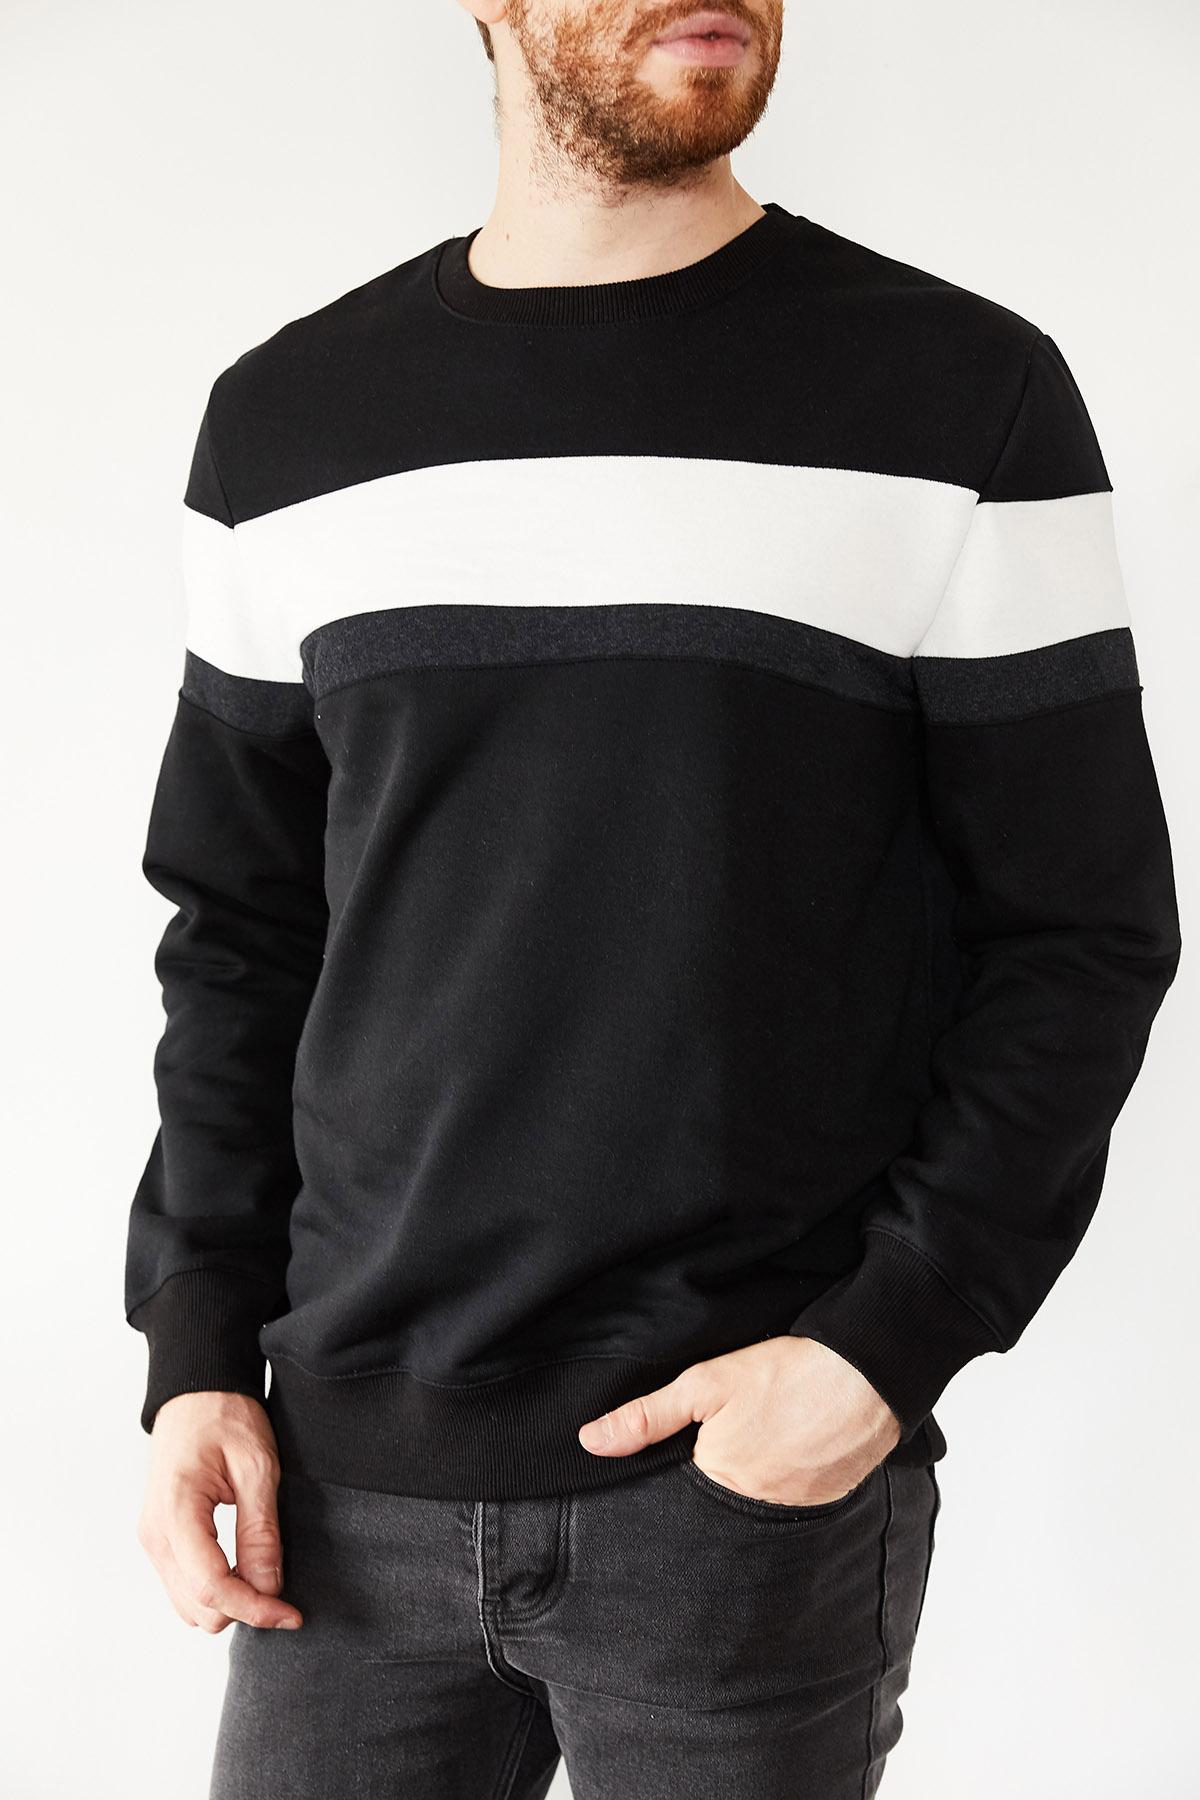 - Siyah & Beyaz Bloklu Üç İplik Bisiklet Yaka Sweatshirt 1KXE8-44134-02